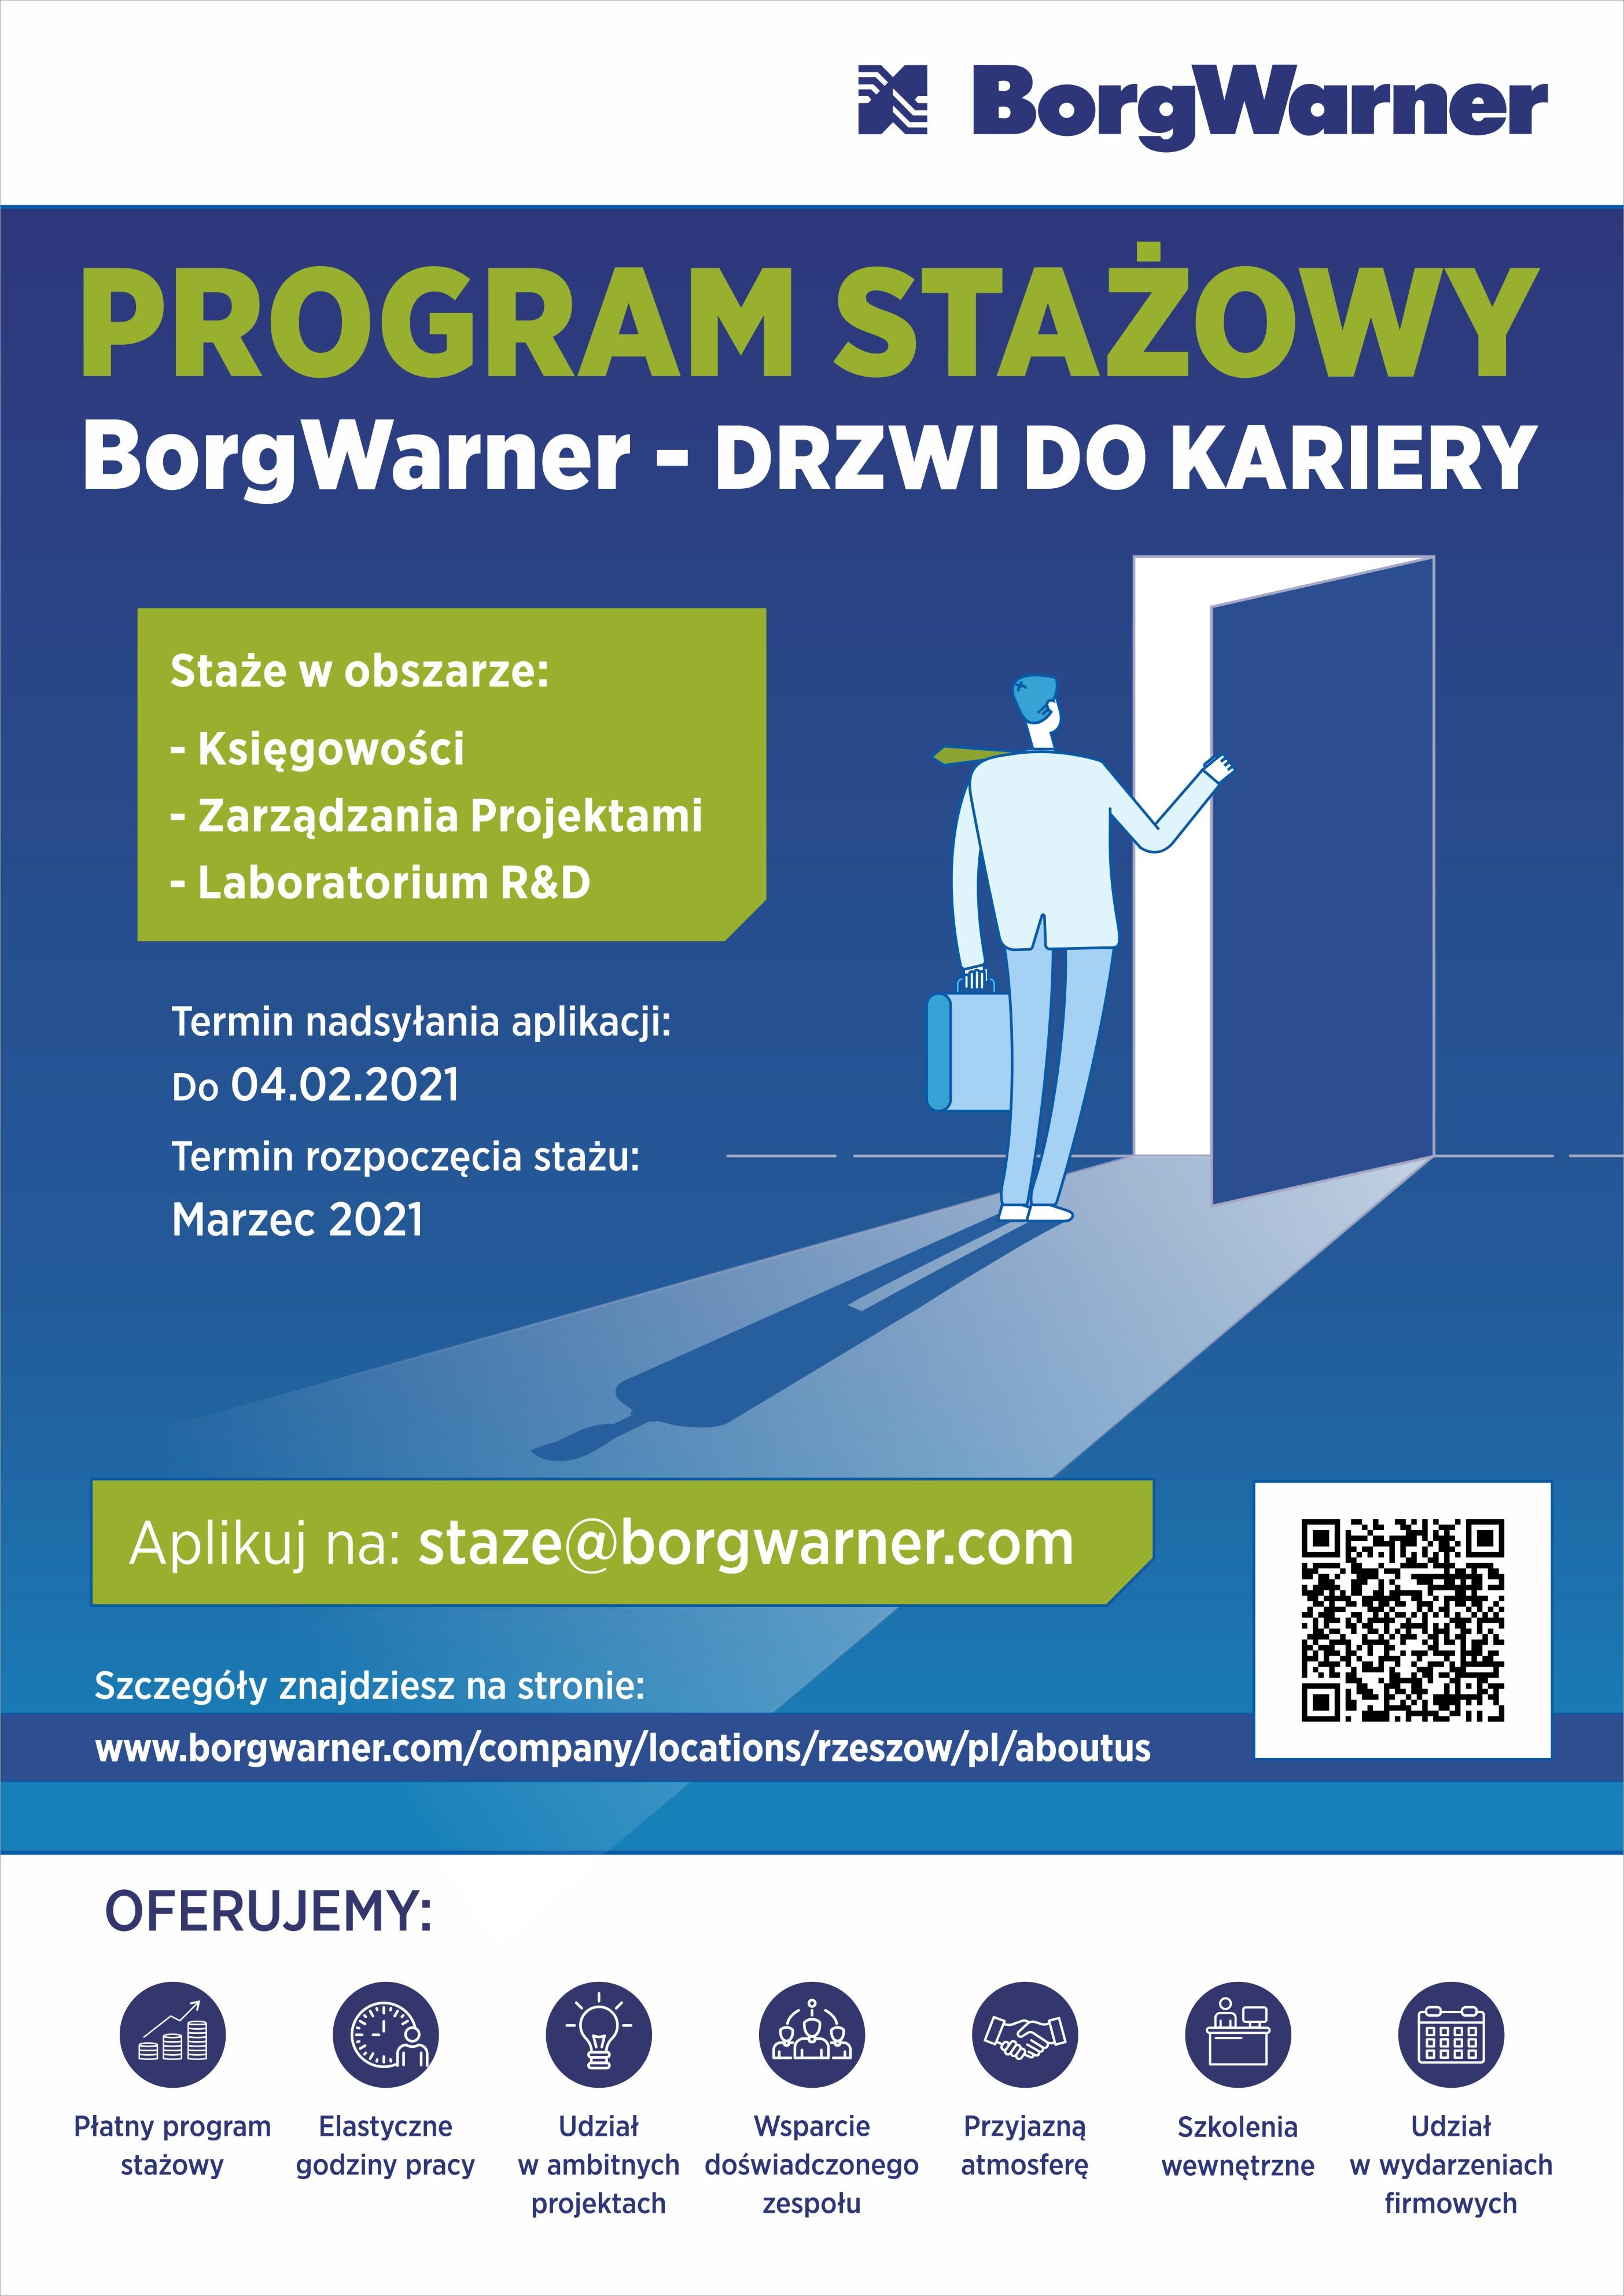 Program stażowy Drzwi do Kariery